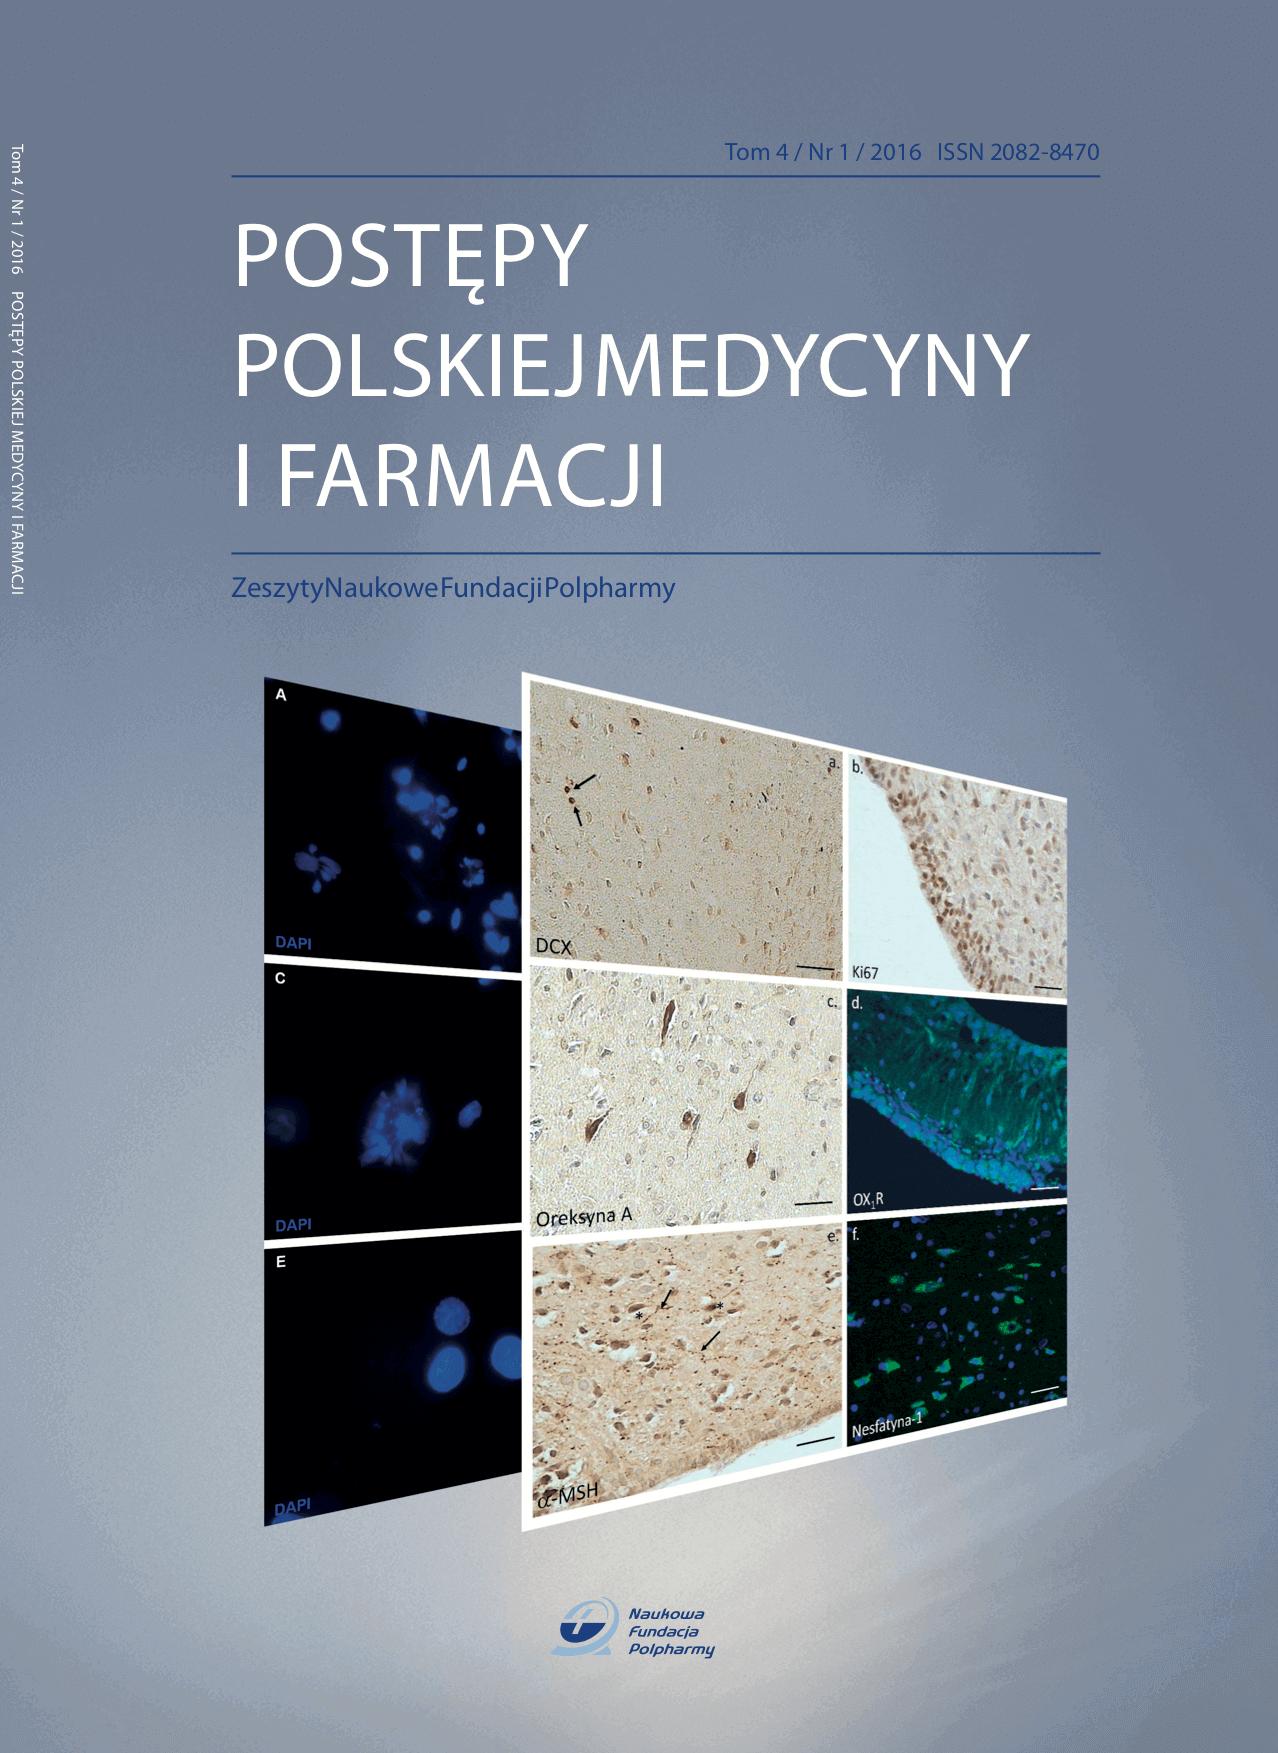 Postępy Polskiej Medycyny i Farmacji Tom 4 okładka